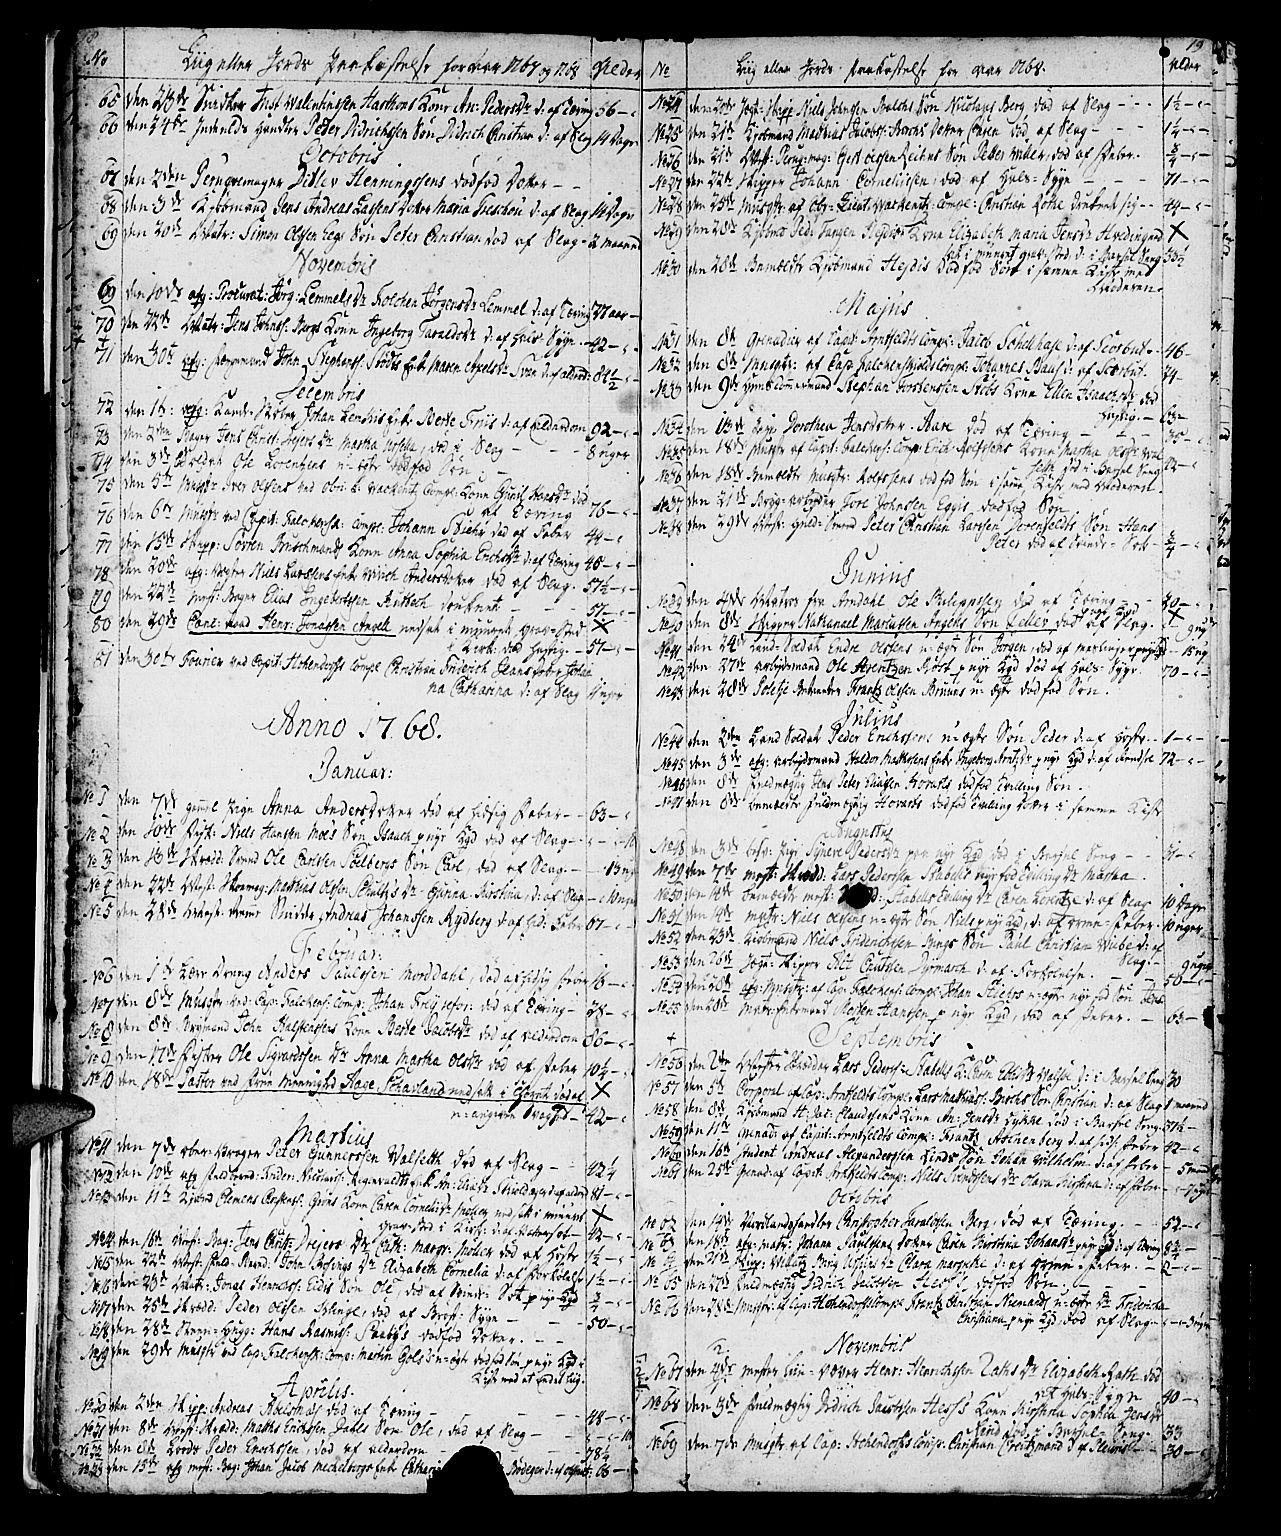 SAT, Ministerialprotokoller, klokkerbøker og fødselsregistre - Sør-Trøndelag, 602/L0134: Klokkerbok nr. 602C02, 1759-1812, s. 18-19